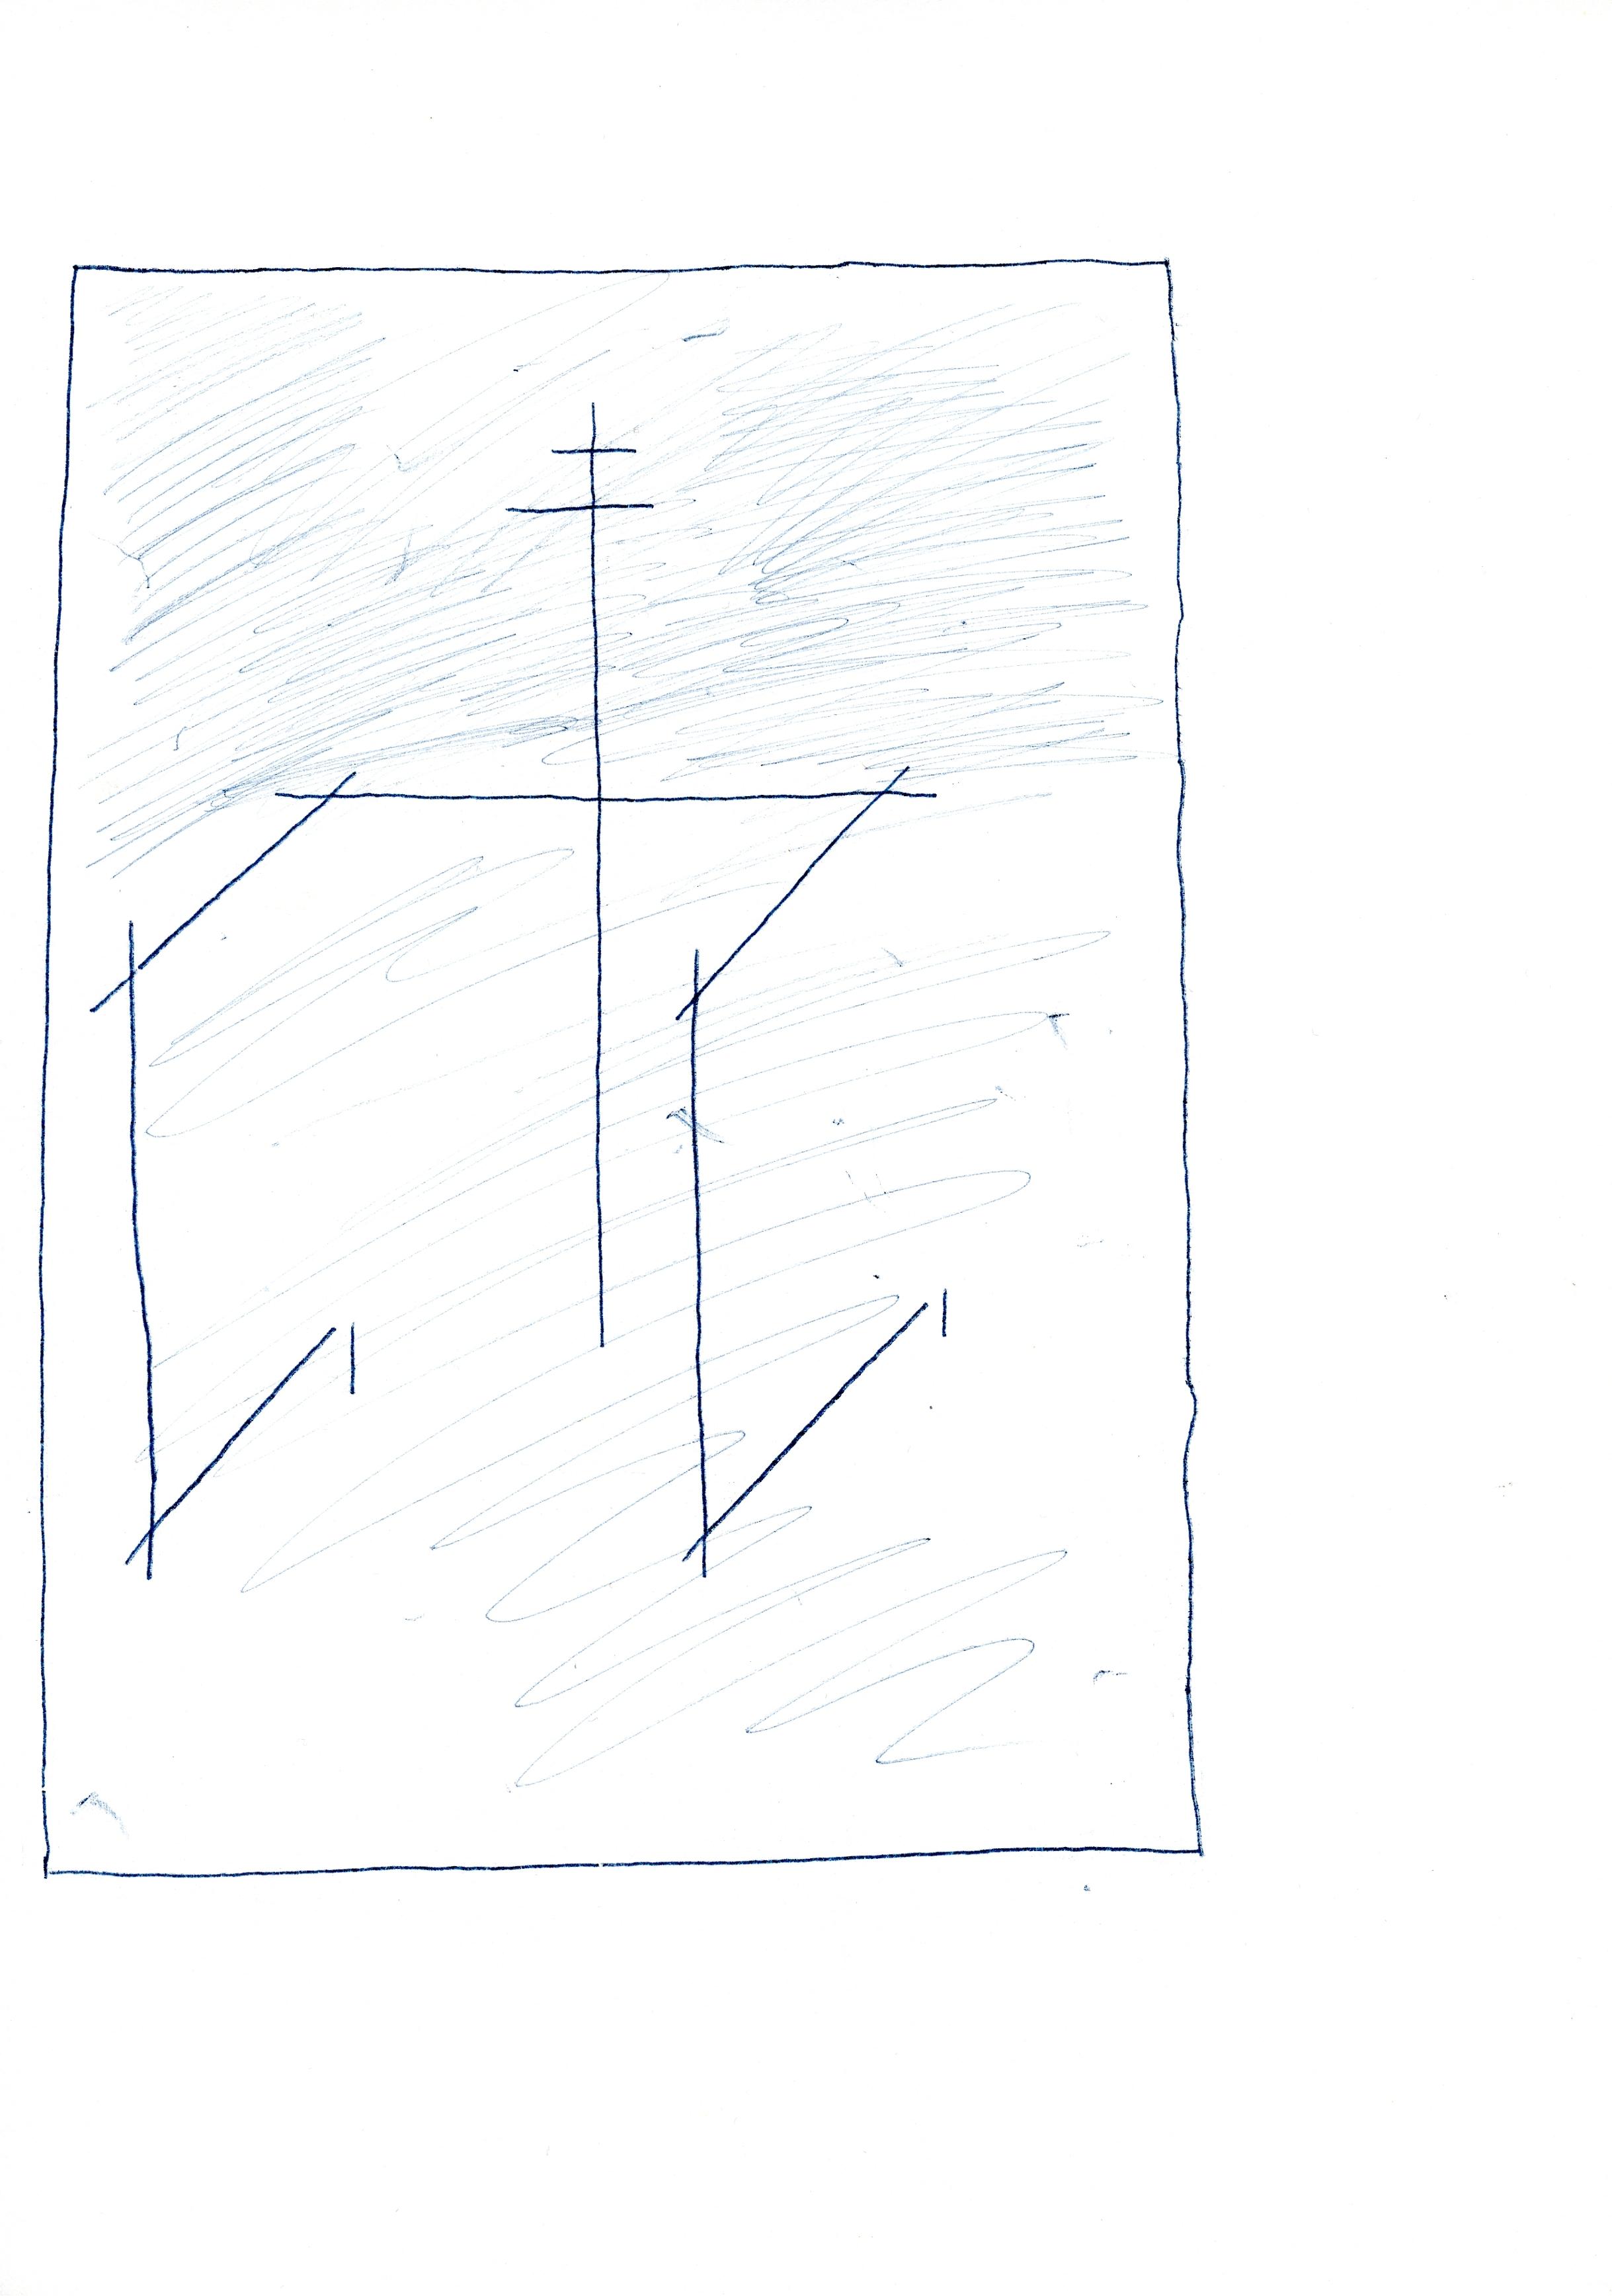 denníkové kresby